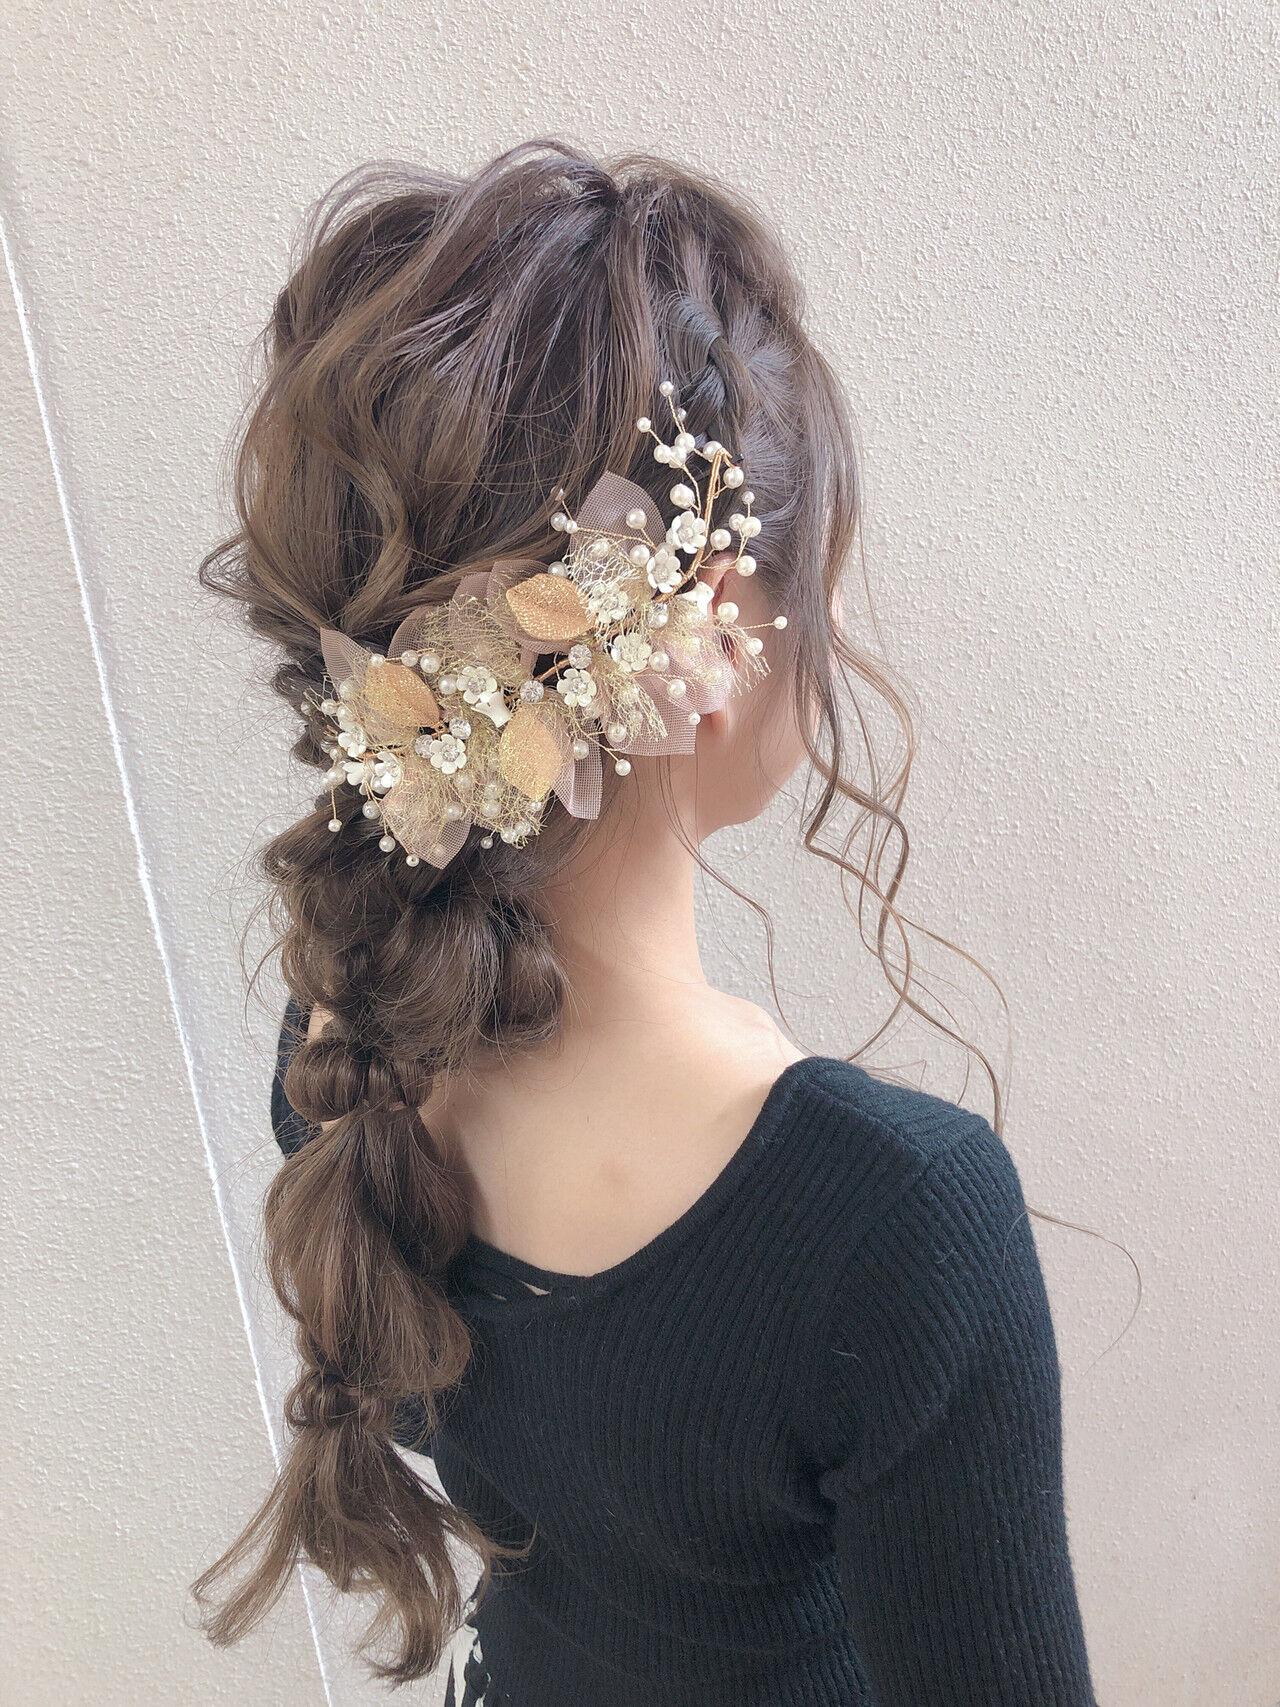 結婚式ヘアアレンジ ふわふわヘアアレンジ ロング ヘアアレンジヘアスタイルや髪型の写真・画像